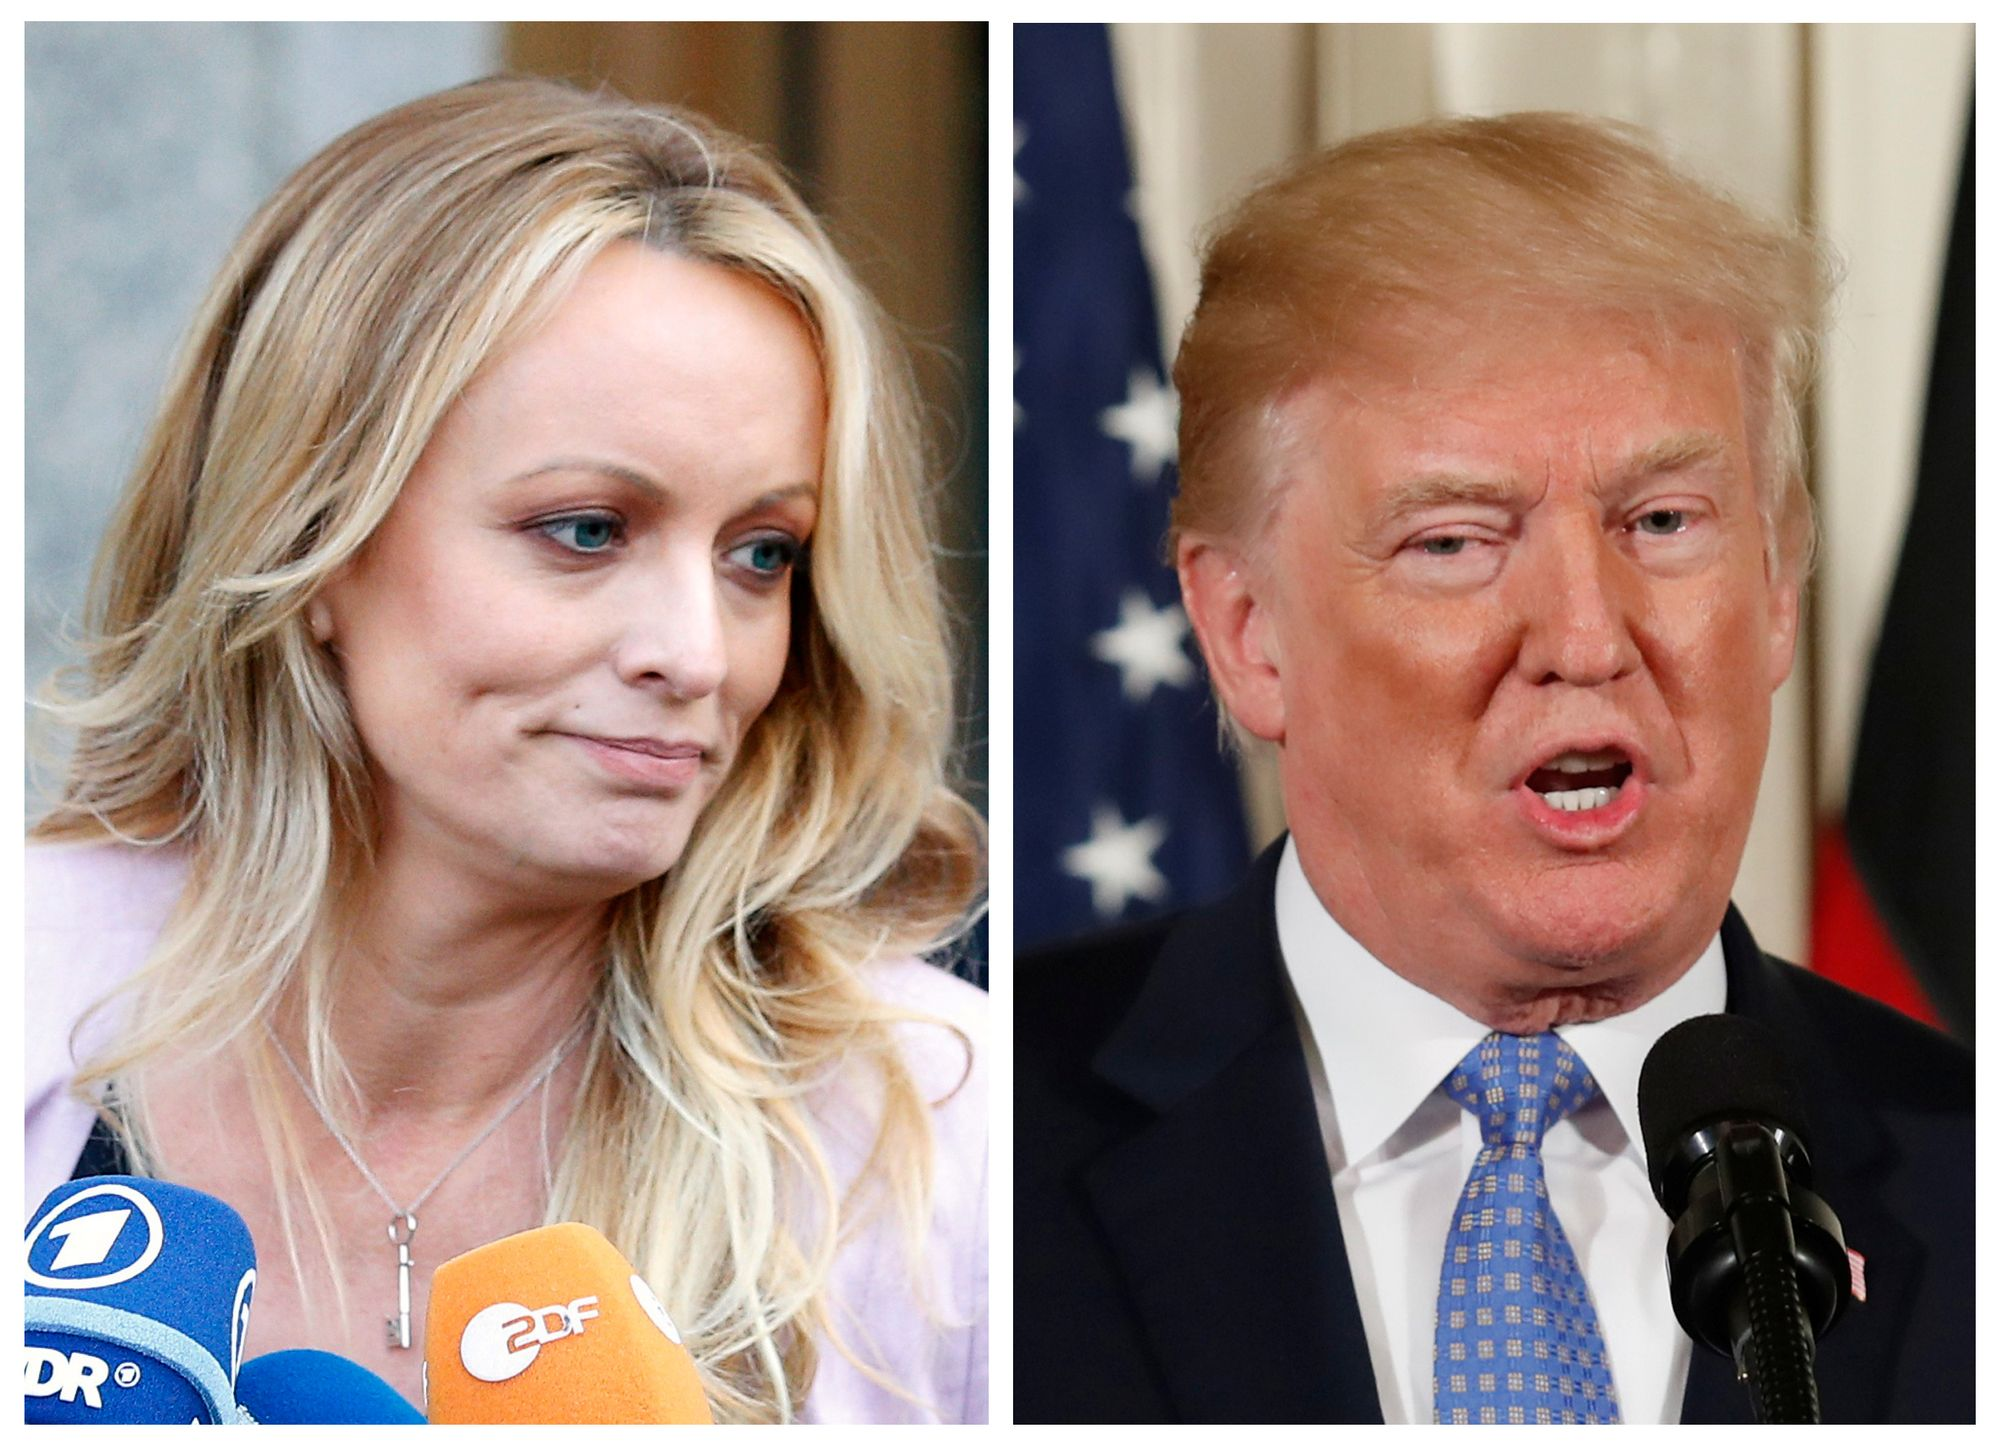 Donald Trump: Stormy Daniels jette de l'huile sur le feu